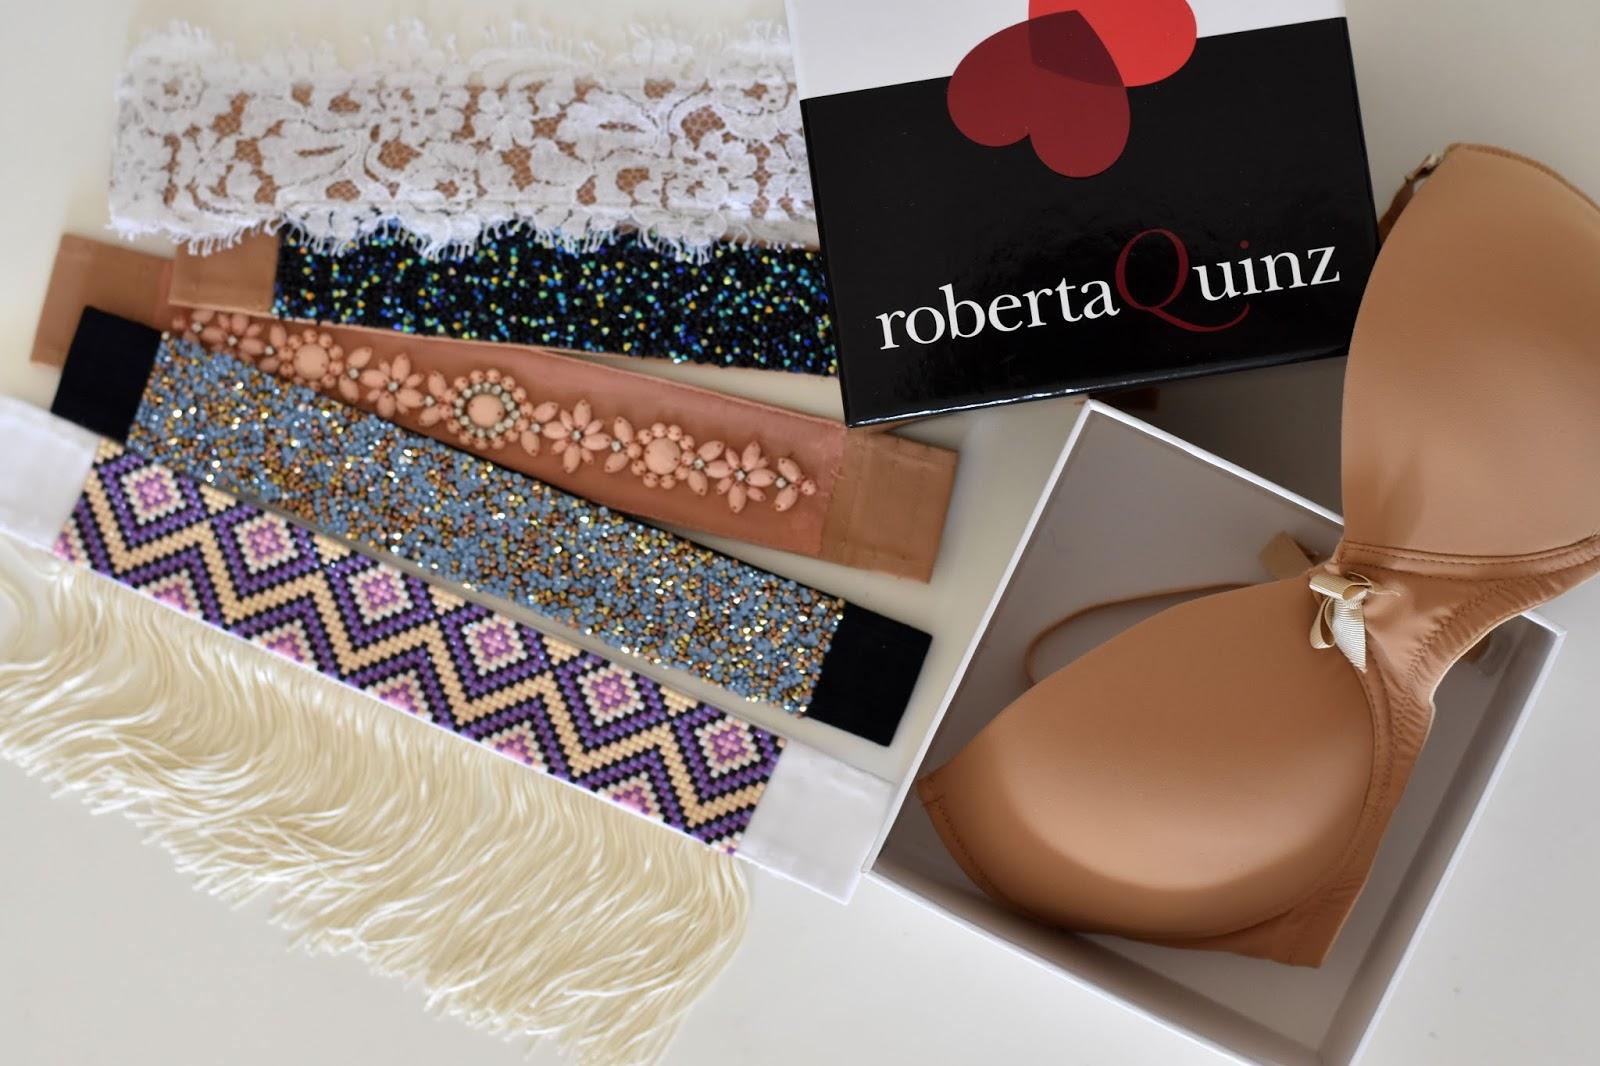 Roberta Quinz